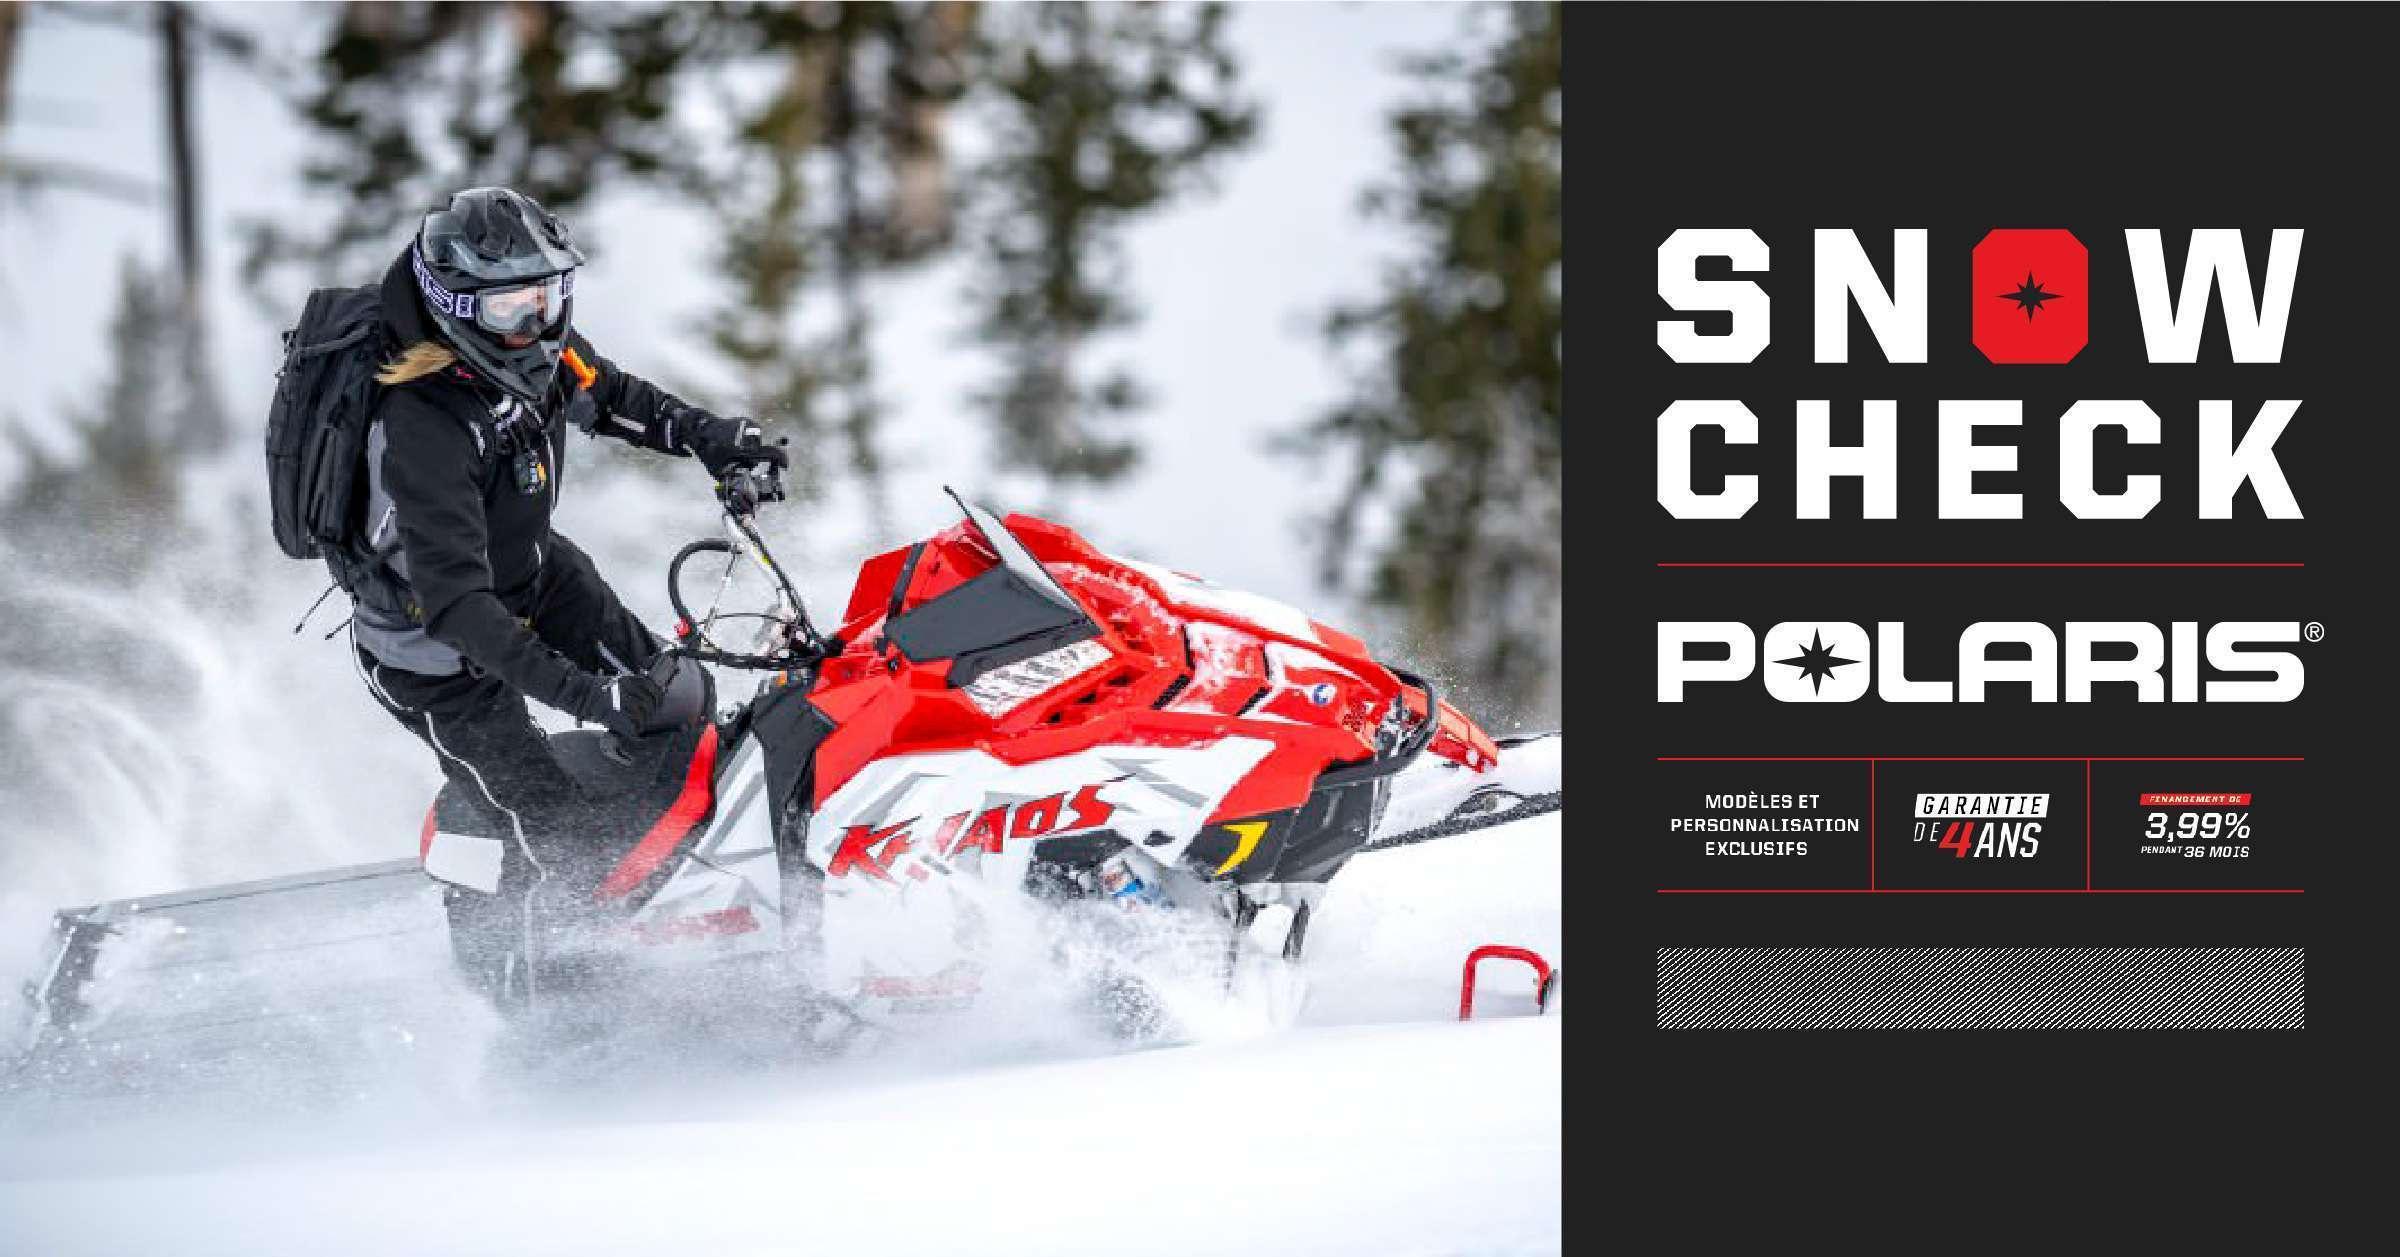 Choisissez votre motoneige Polaris SnowCheck 2020 !